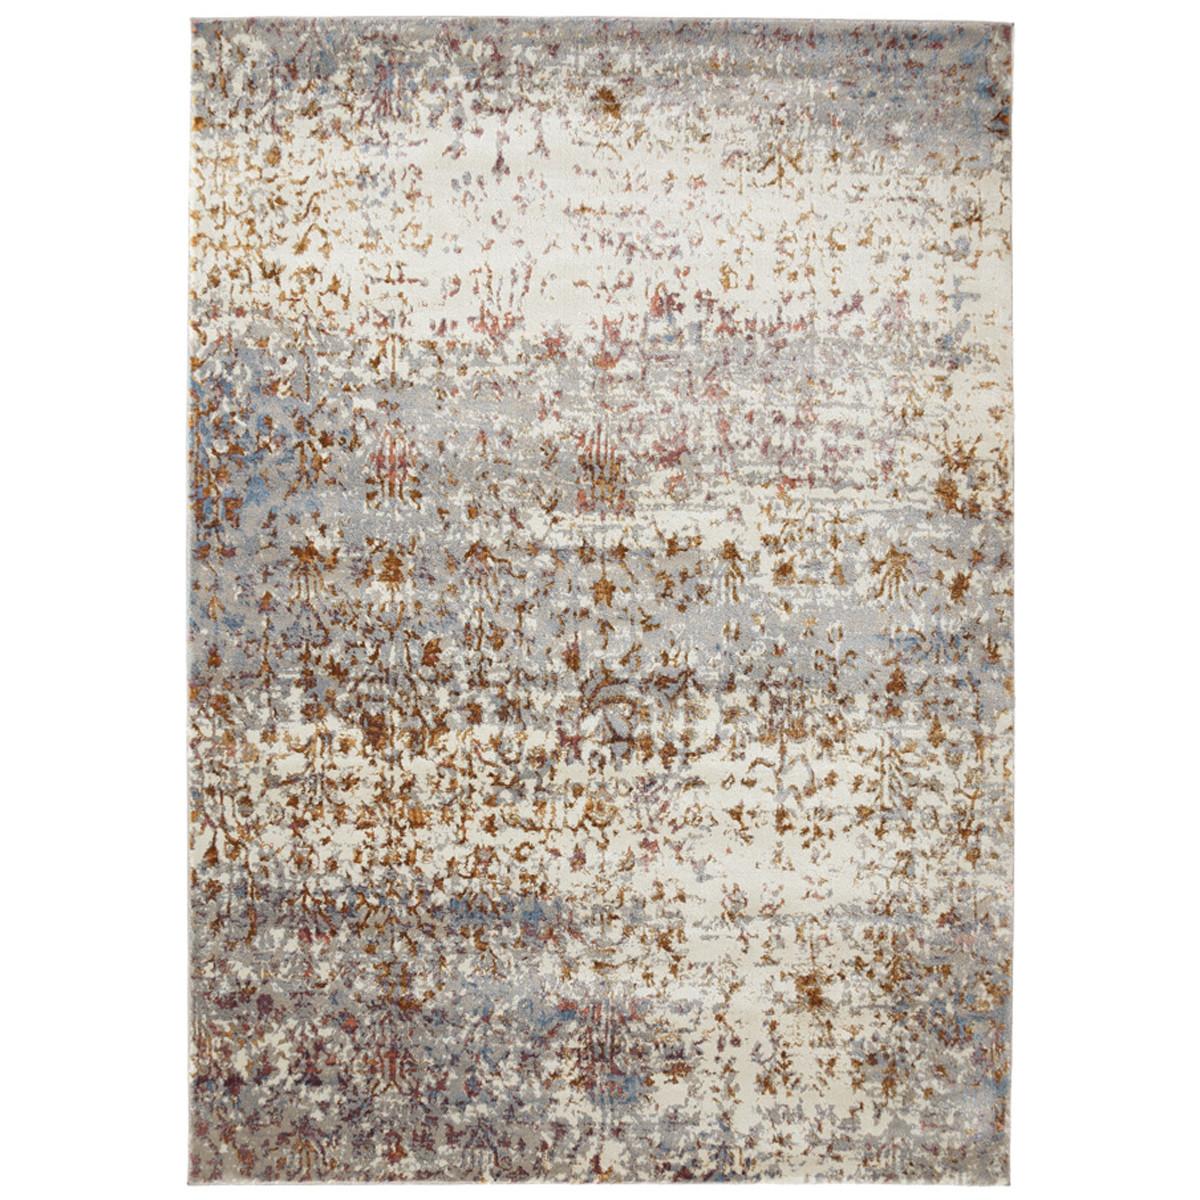 Χαλιά Κρεβατοκάμαρας (Σετ 3τμχ) Royal Carpets Fortune 80W